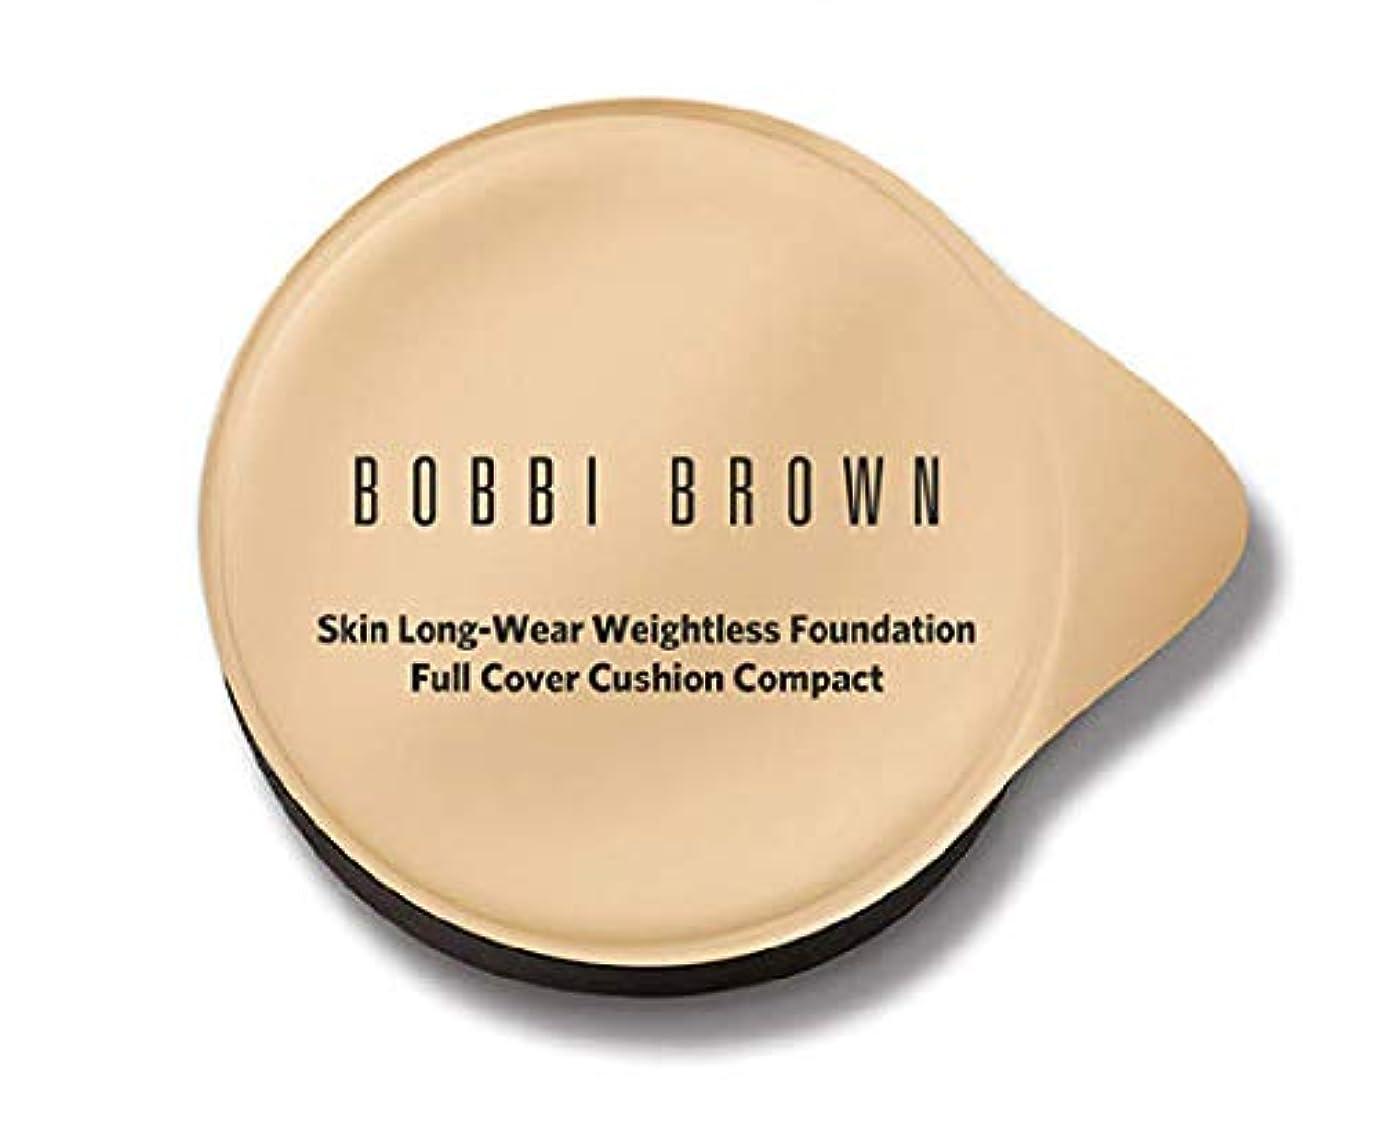 またねのみビルダーボビーブラウンスキンロングウェアウエストレスファンデーションフルカバークッションコンパクトレフィル(スポンジ付)5色展開 (ミディアム)